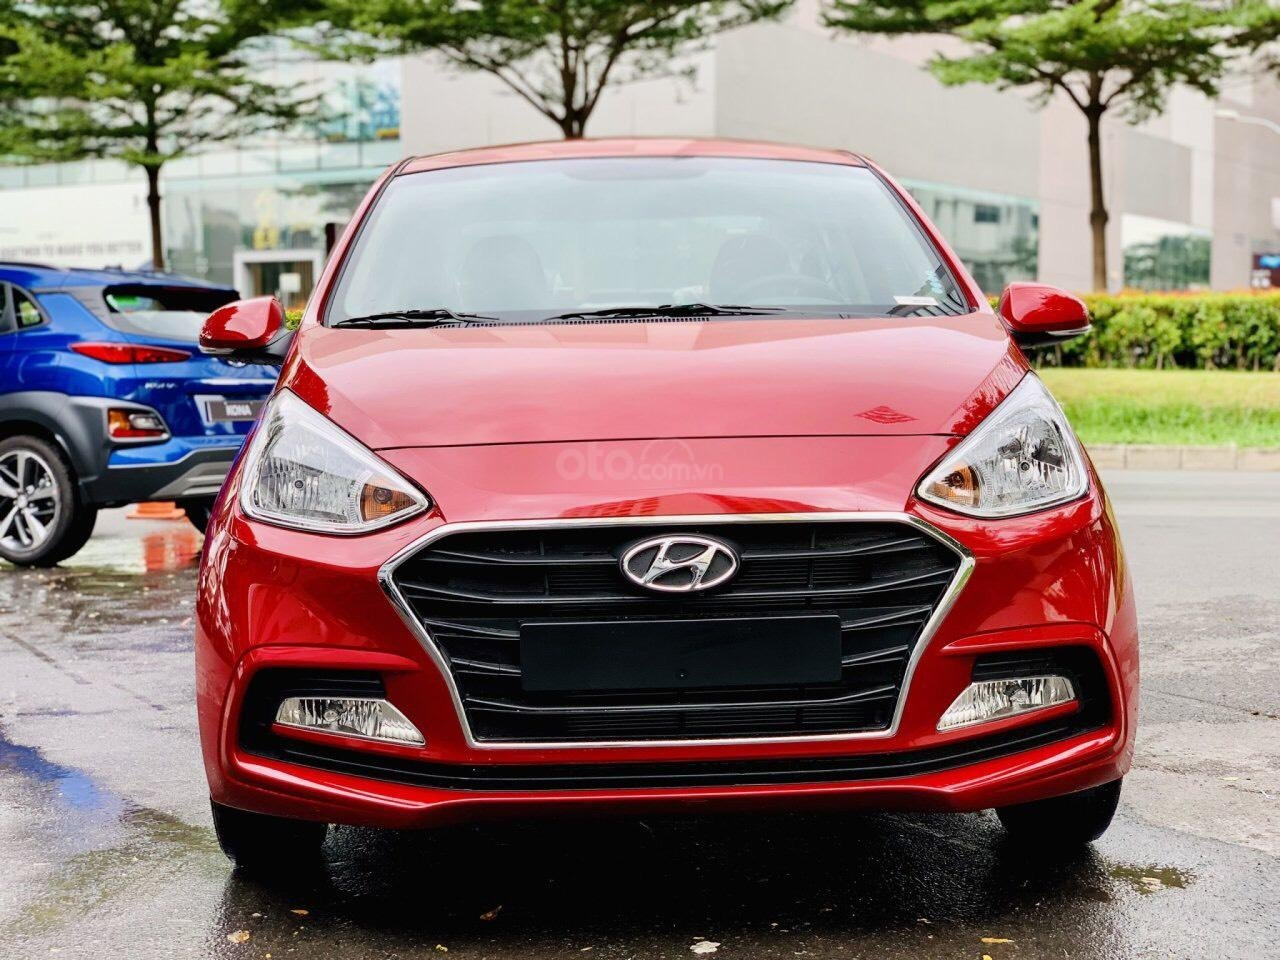 Hyundai Grand i10 giá tốt, góp 90%, hỗ trợ Grab 5 triệu tiền mặt, tặng phụ kiện giá trị thật (1)